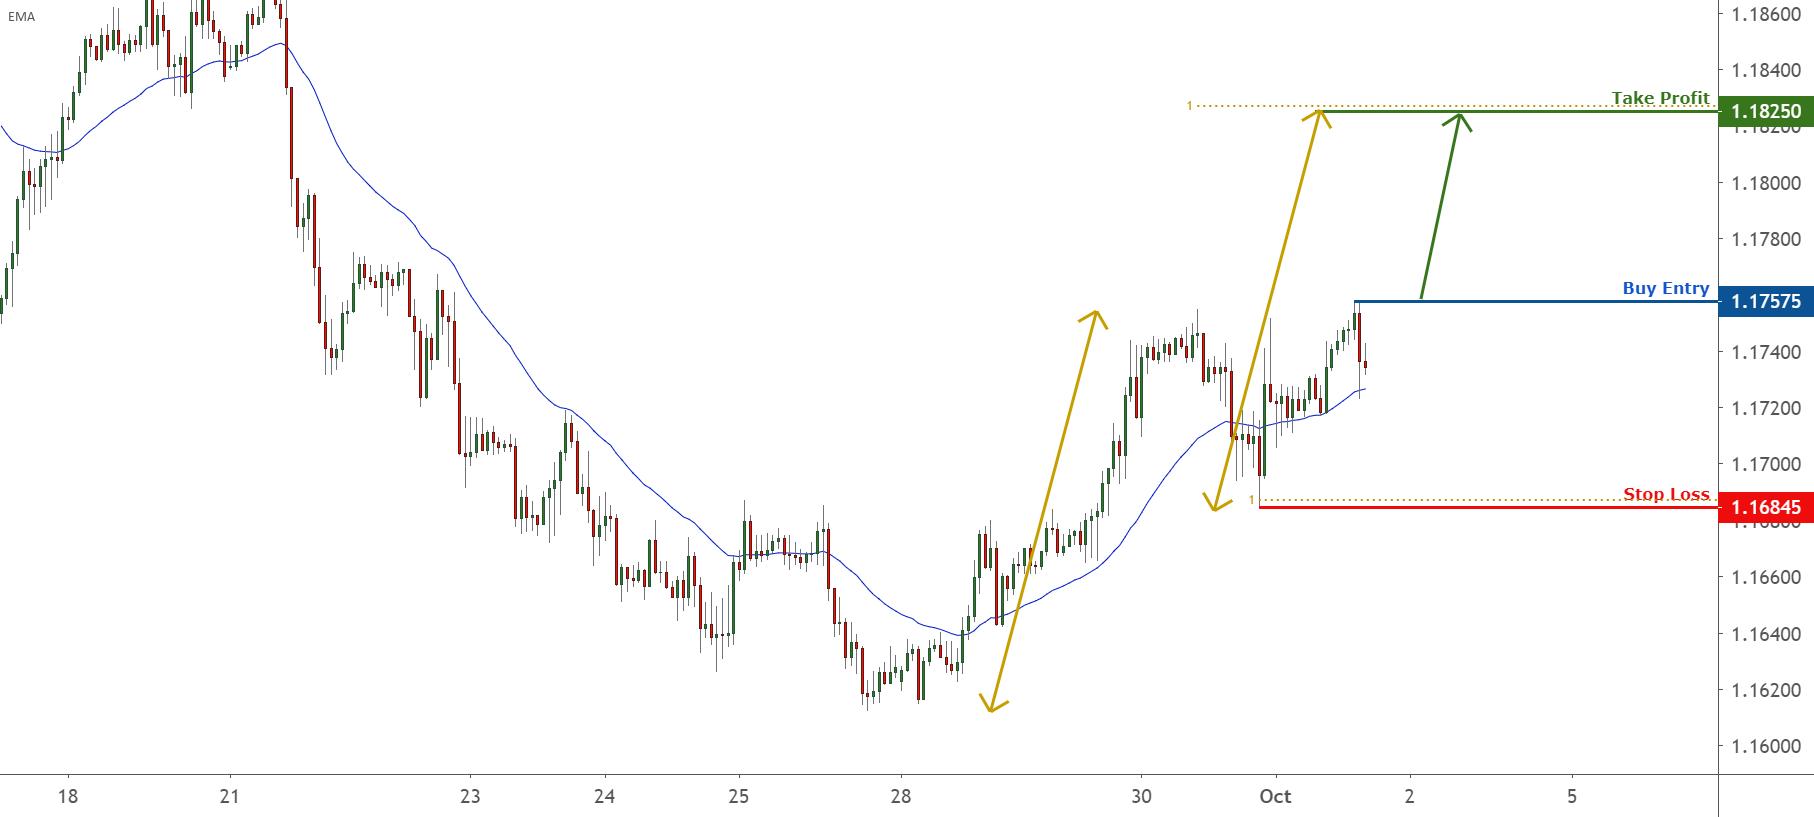 Breakout Identified in EURUSD for FX:EURUSD by FXCM